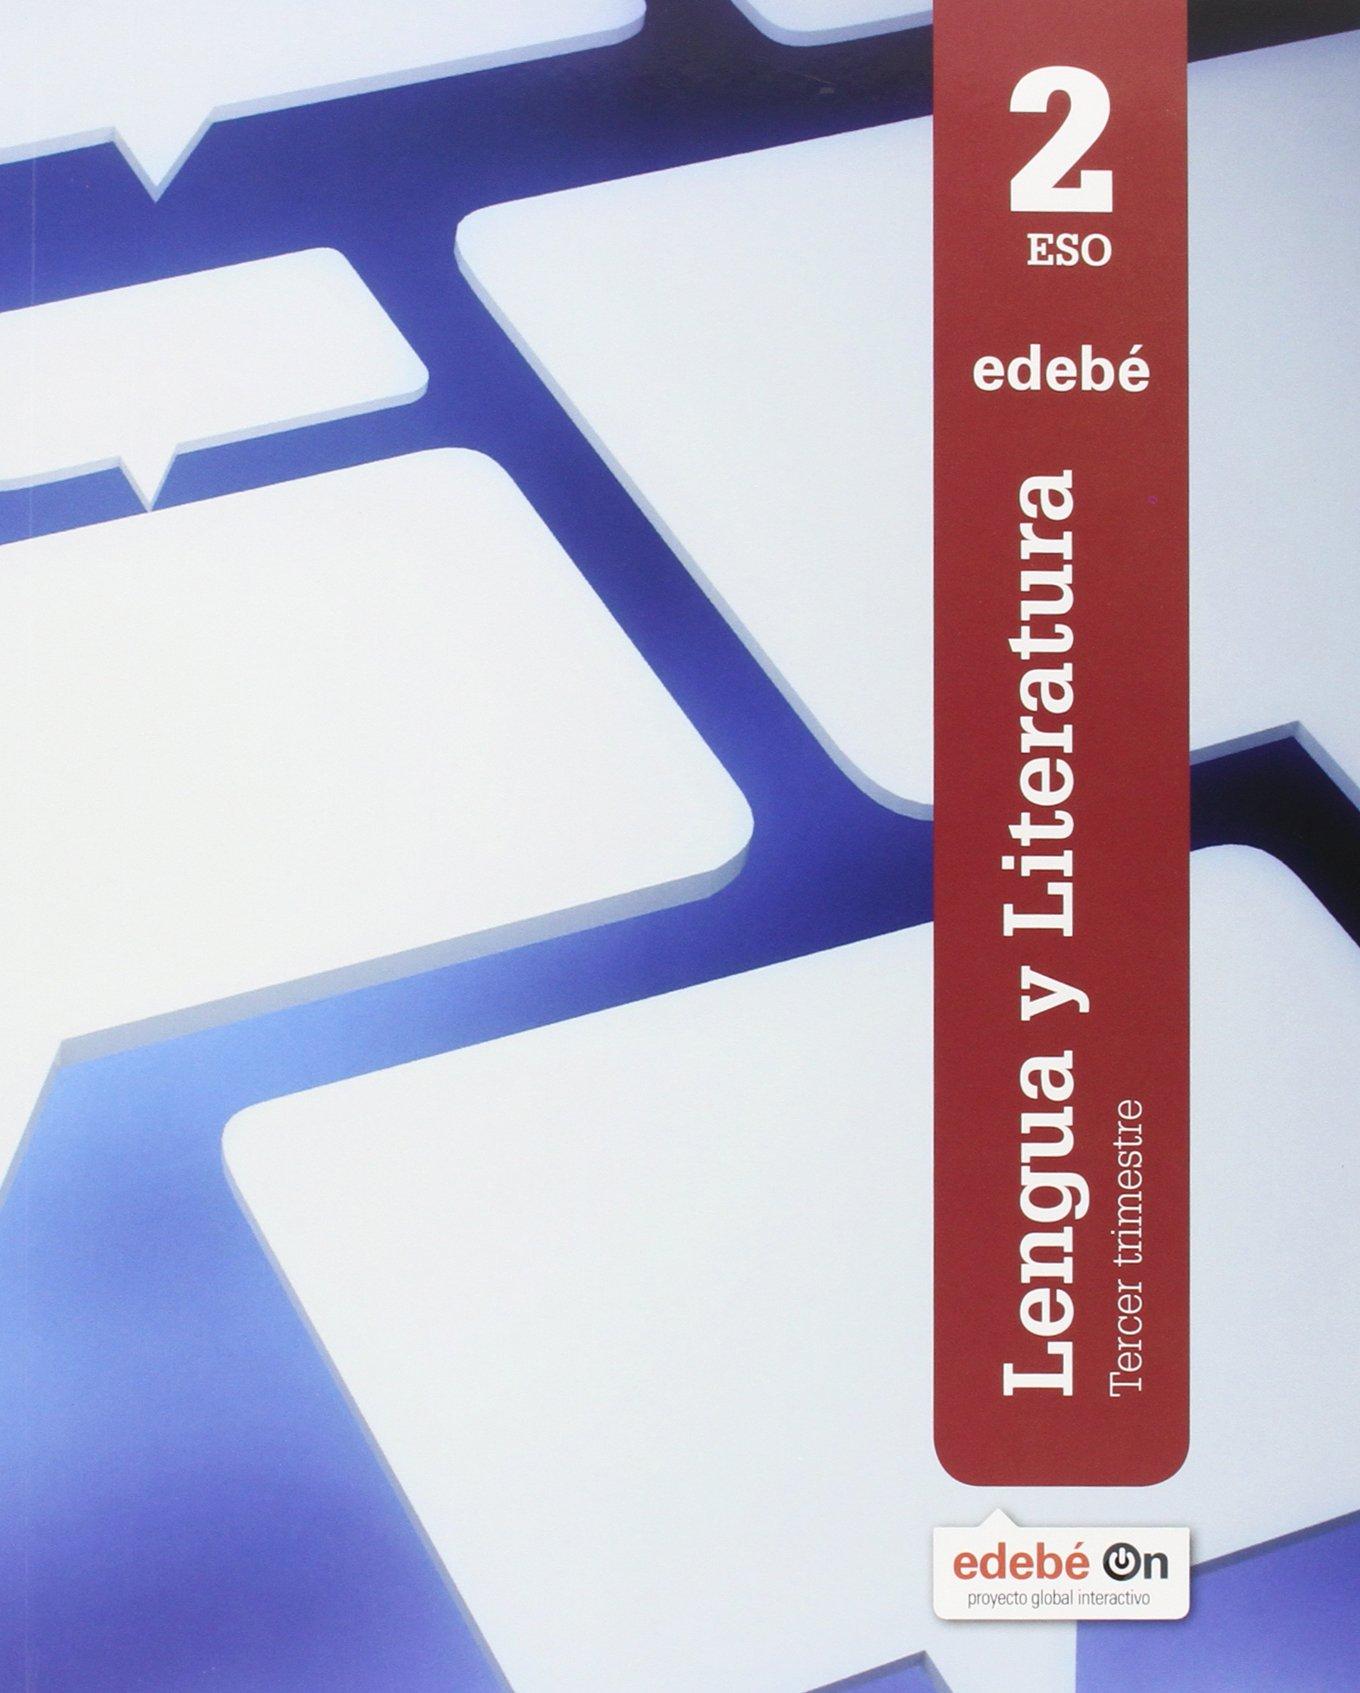 LENGUA Y LITERATURA 2 - 9788468317434: Amazon.es: Edebé, Obra Colectiva: Libros